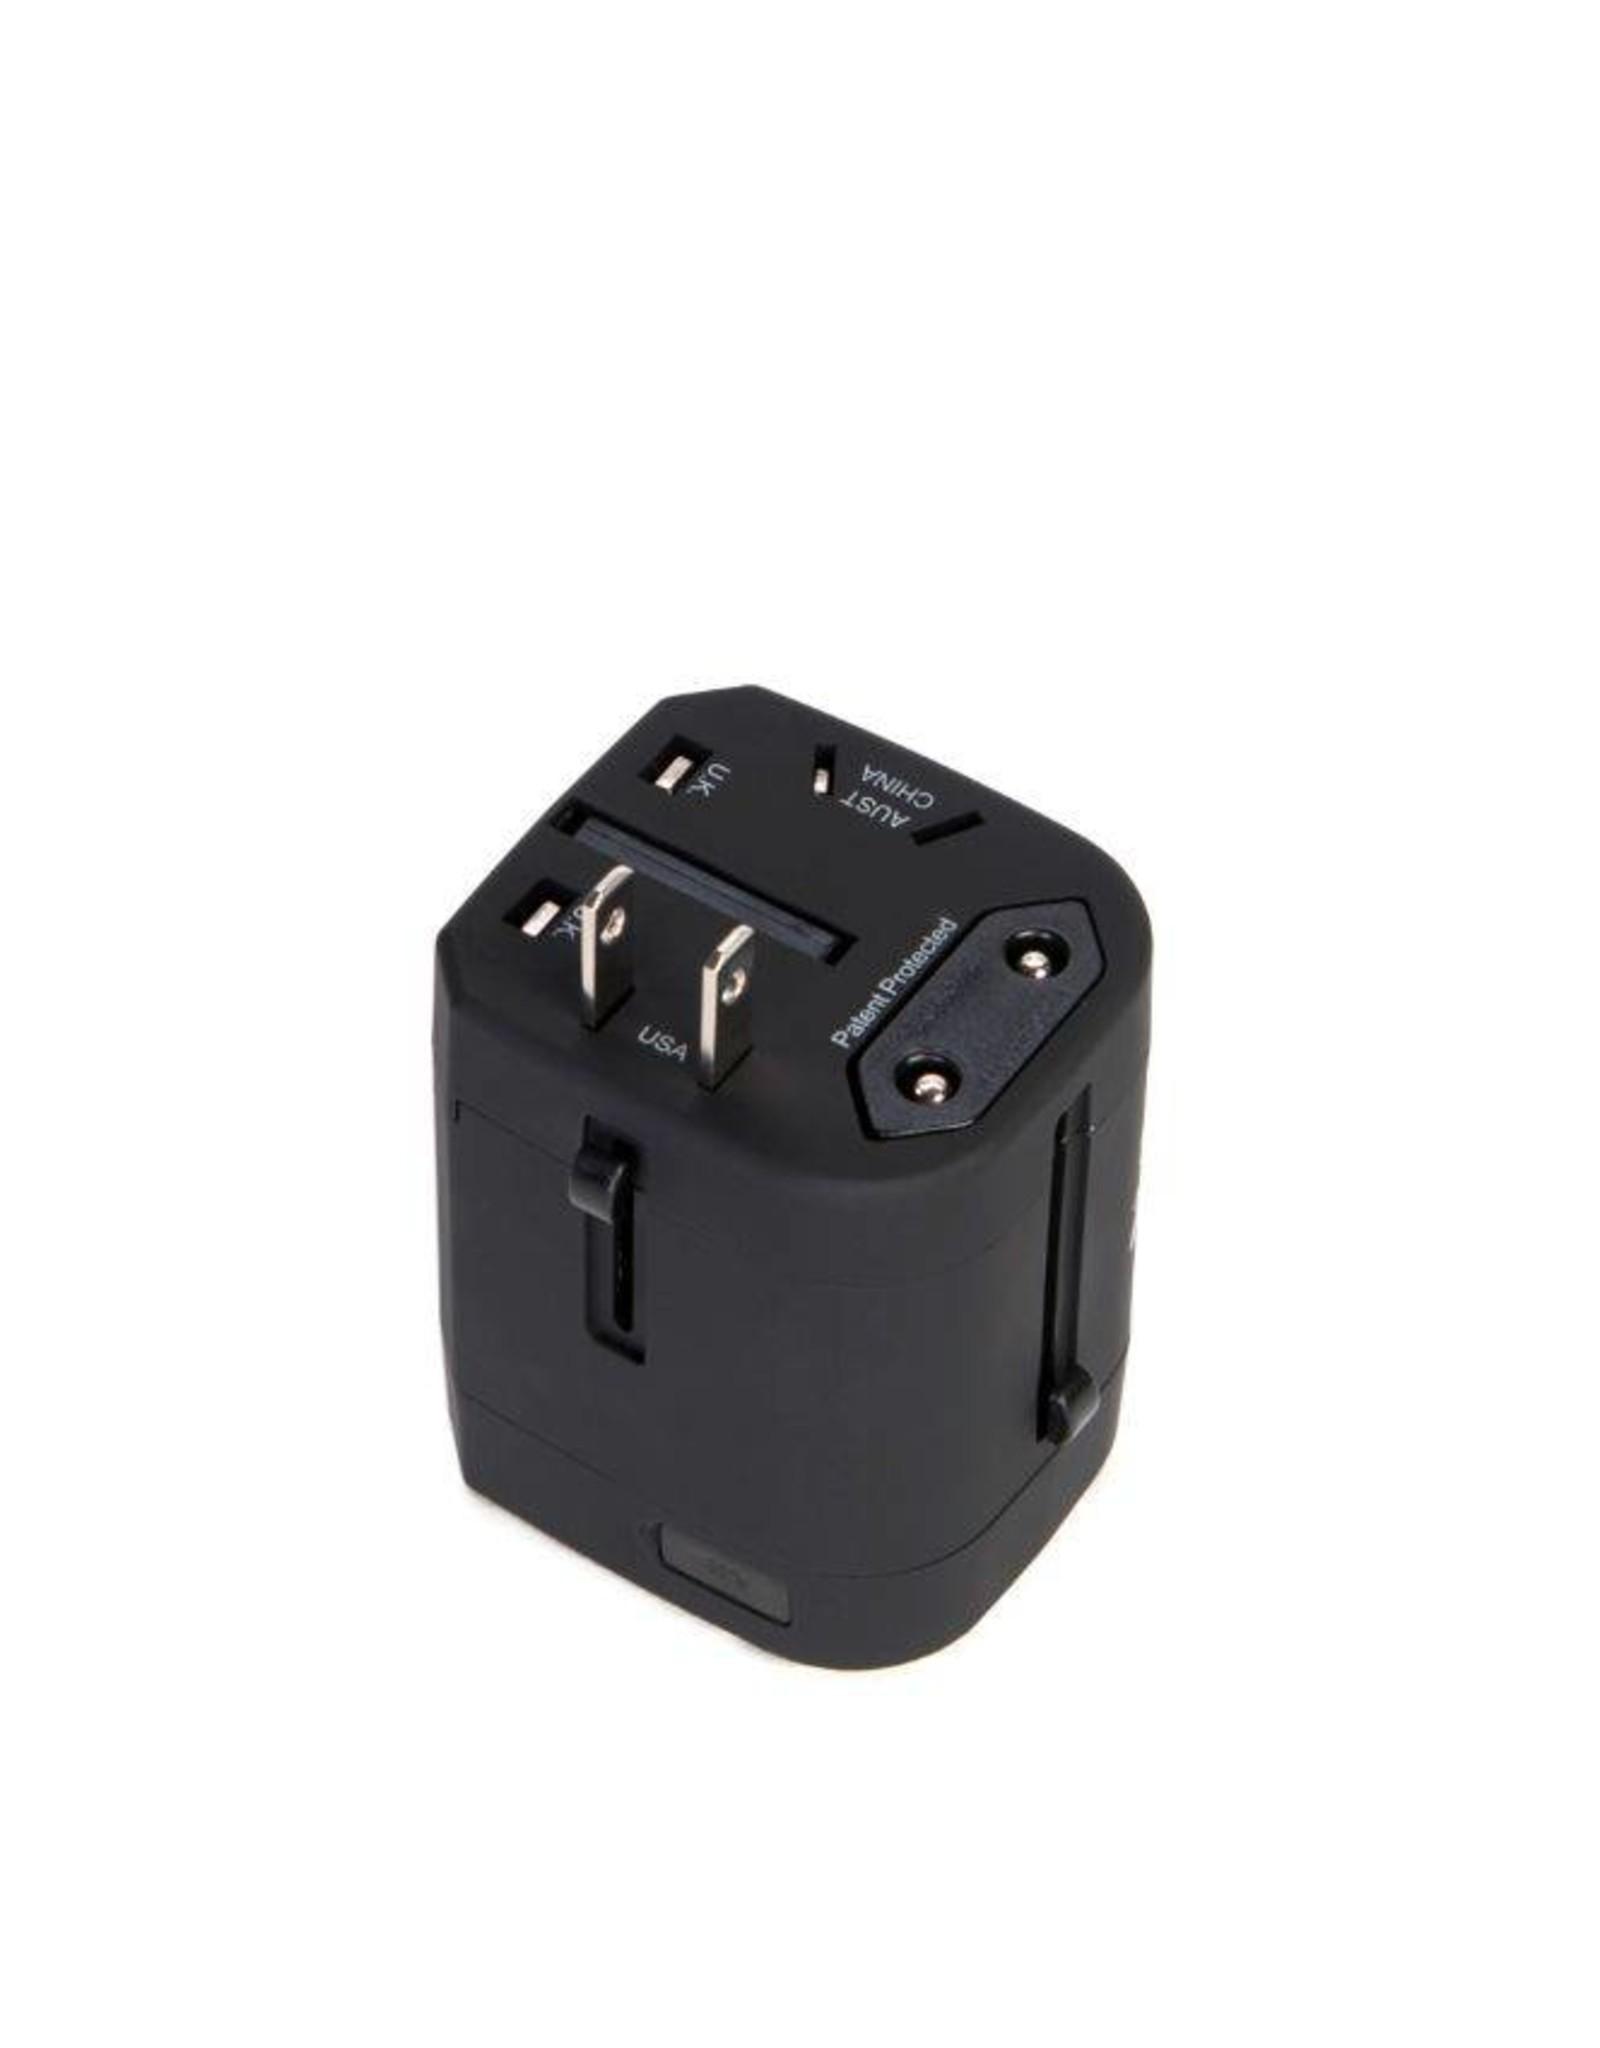 Herschel HERSCHEL travel adapter pc